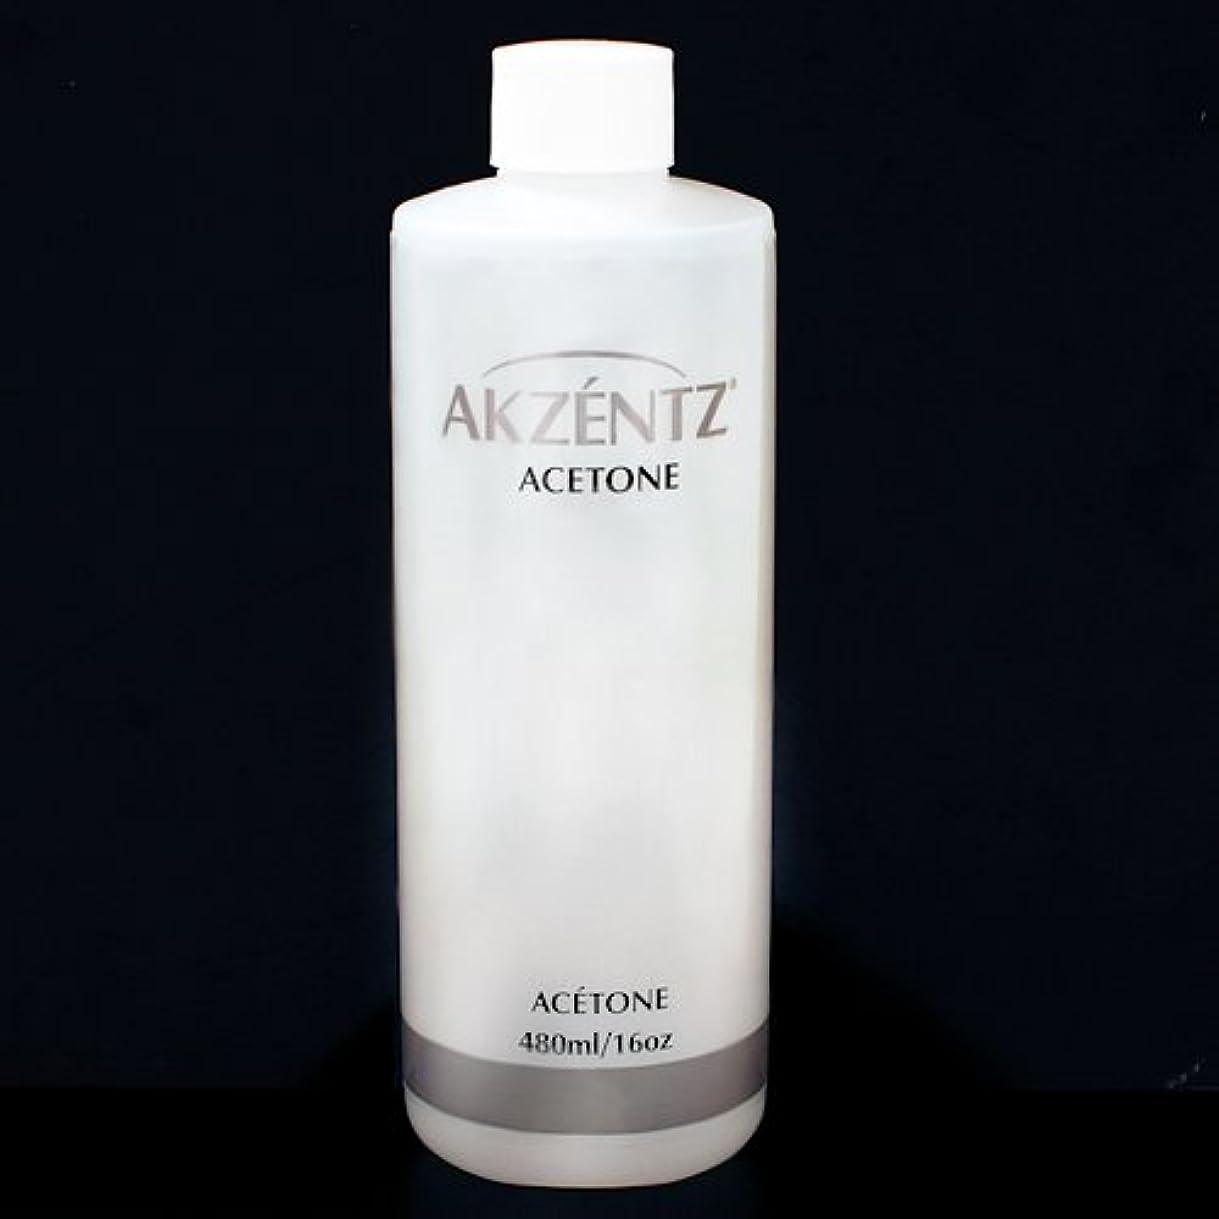 活性化亜熱帯お風呂を持っているアクセンツ(AKZENTZ) ネイルリムーバー (アセトン) 480ml